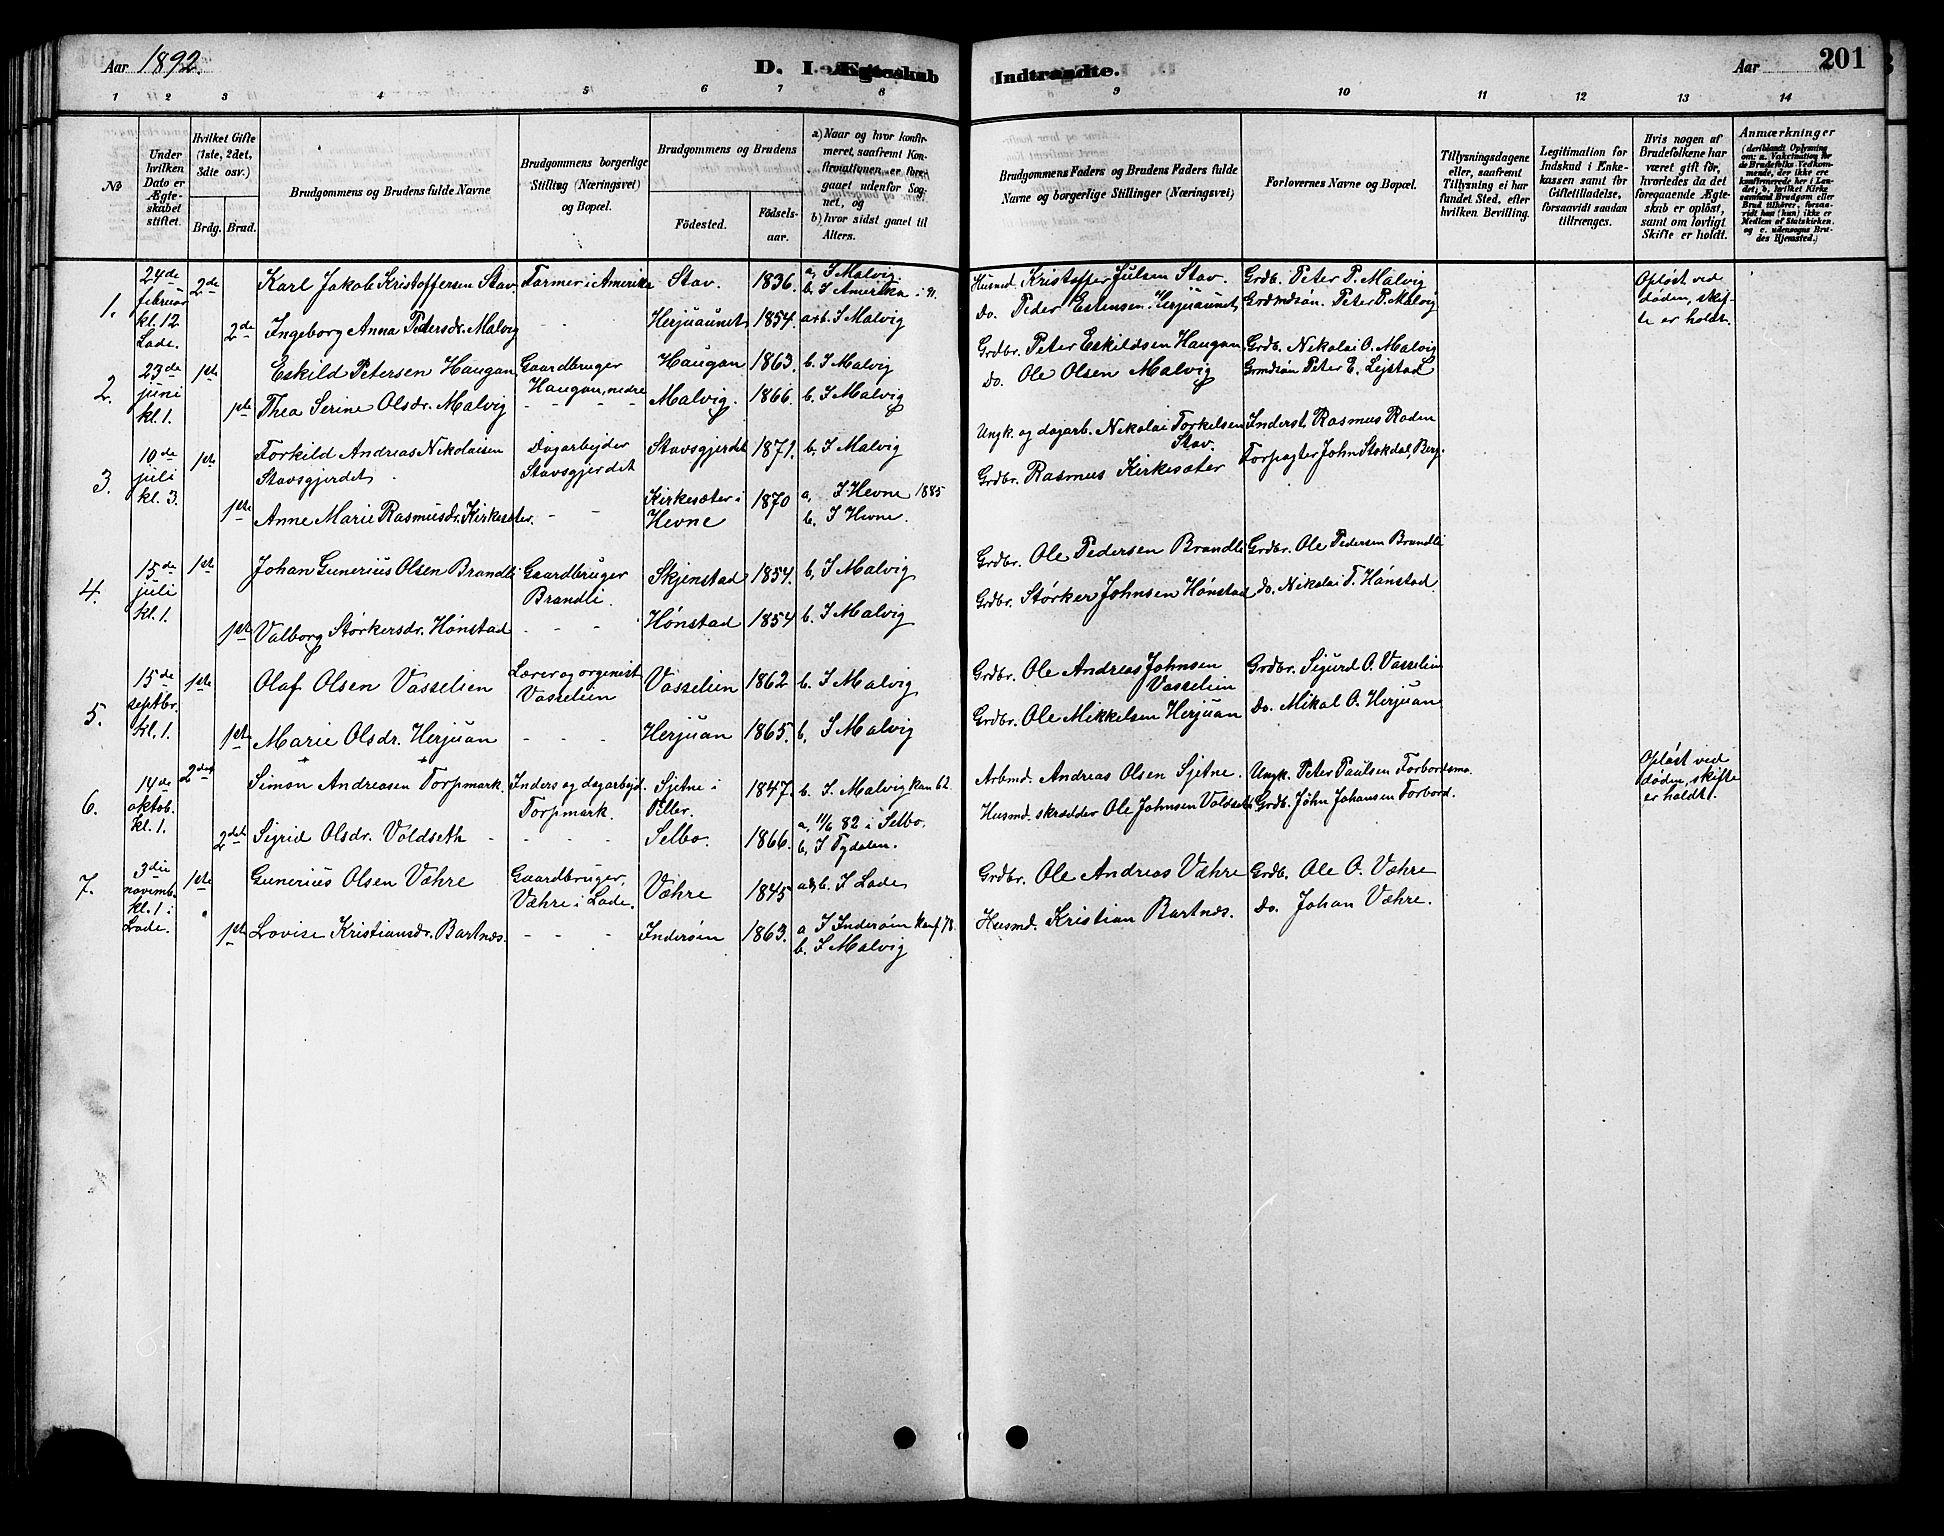 SAT, Ministerialprotokoller, klokkerbøker og fødselsregistre - Sør-Trøndelag, 616/L0423: Klokkerbok nr. 616C06, 1878-1903, s. 201